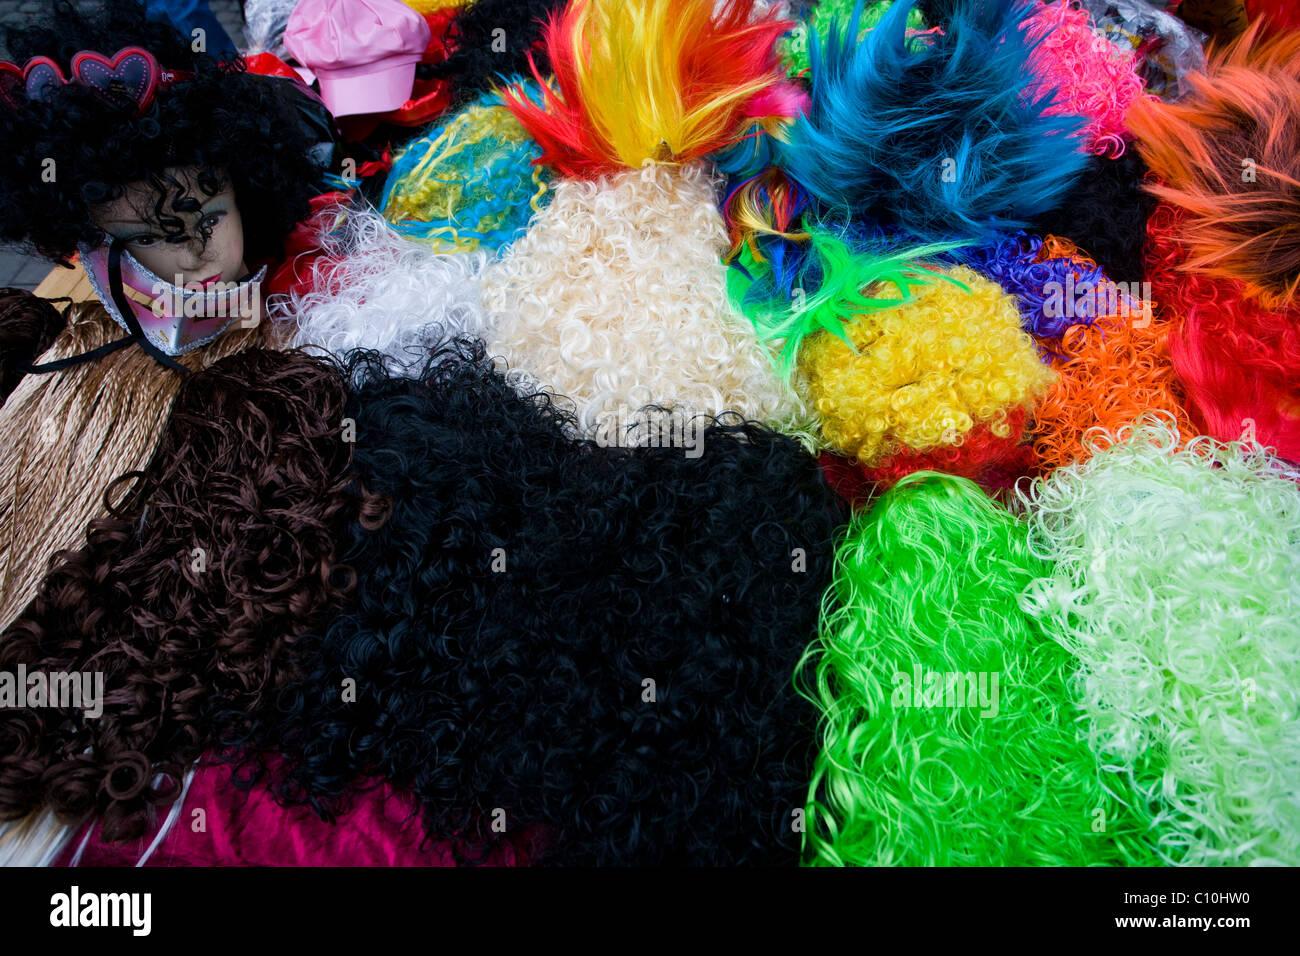 Perruques colorées pour costumées. Carnaval de Cologne, Allemagne. Photo Stock